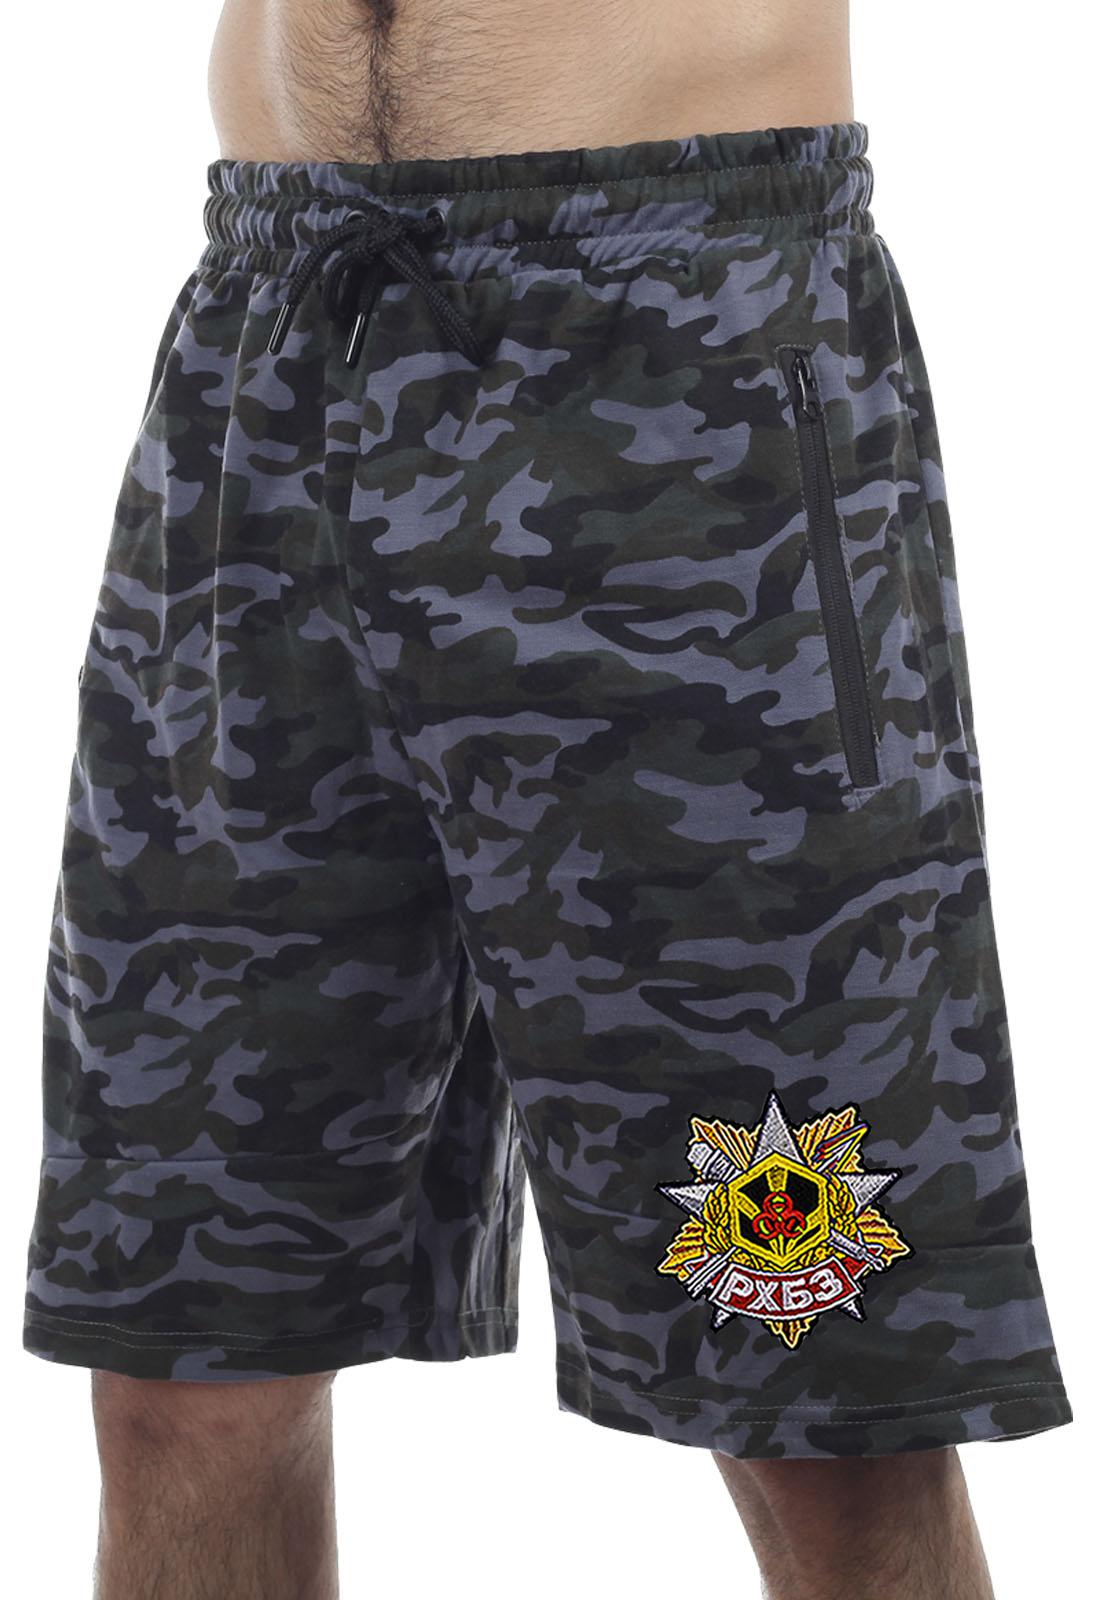 Купить темные камуфляжные шорты с карманами  нашивкой РХБЗ оптом или в розницу